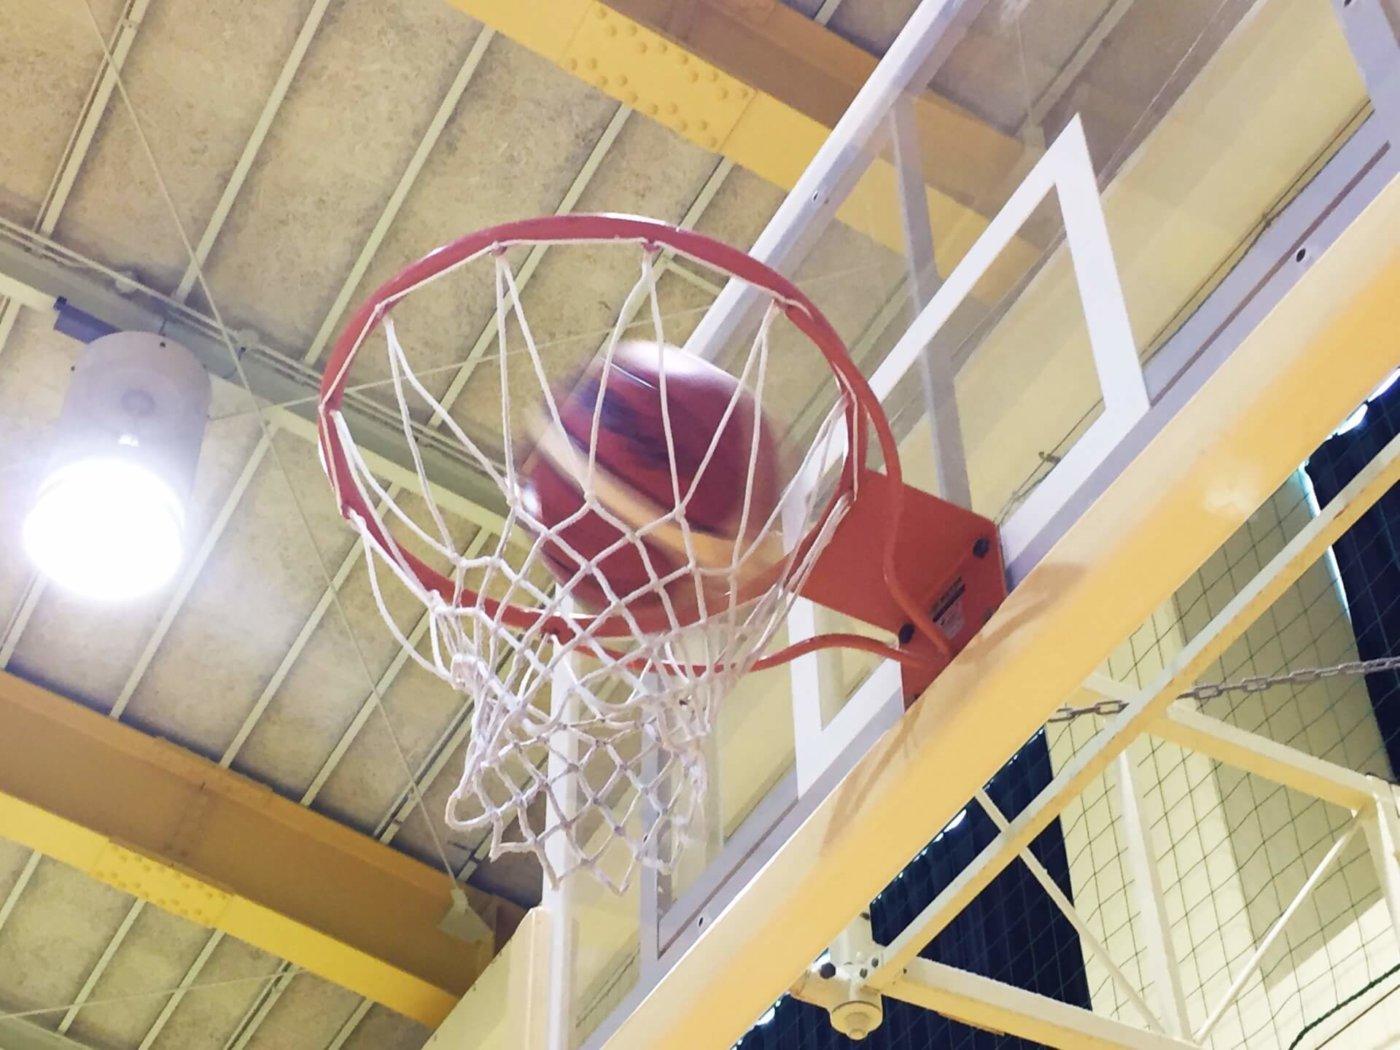 かっこよく決める!バスケのジャンプシュートを上手に決めるコツ